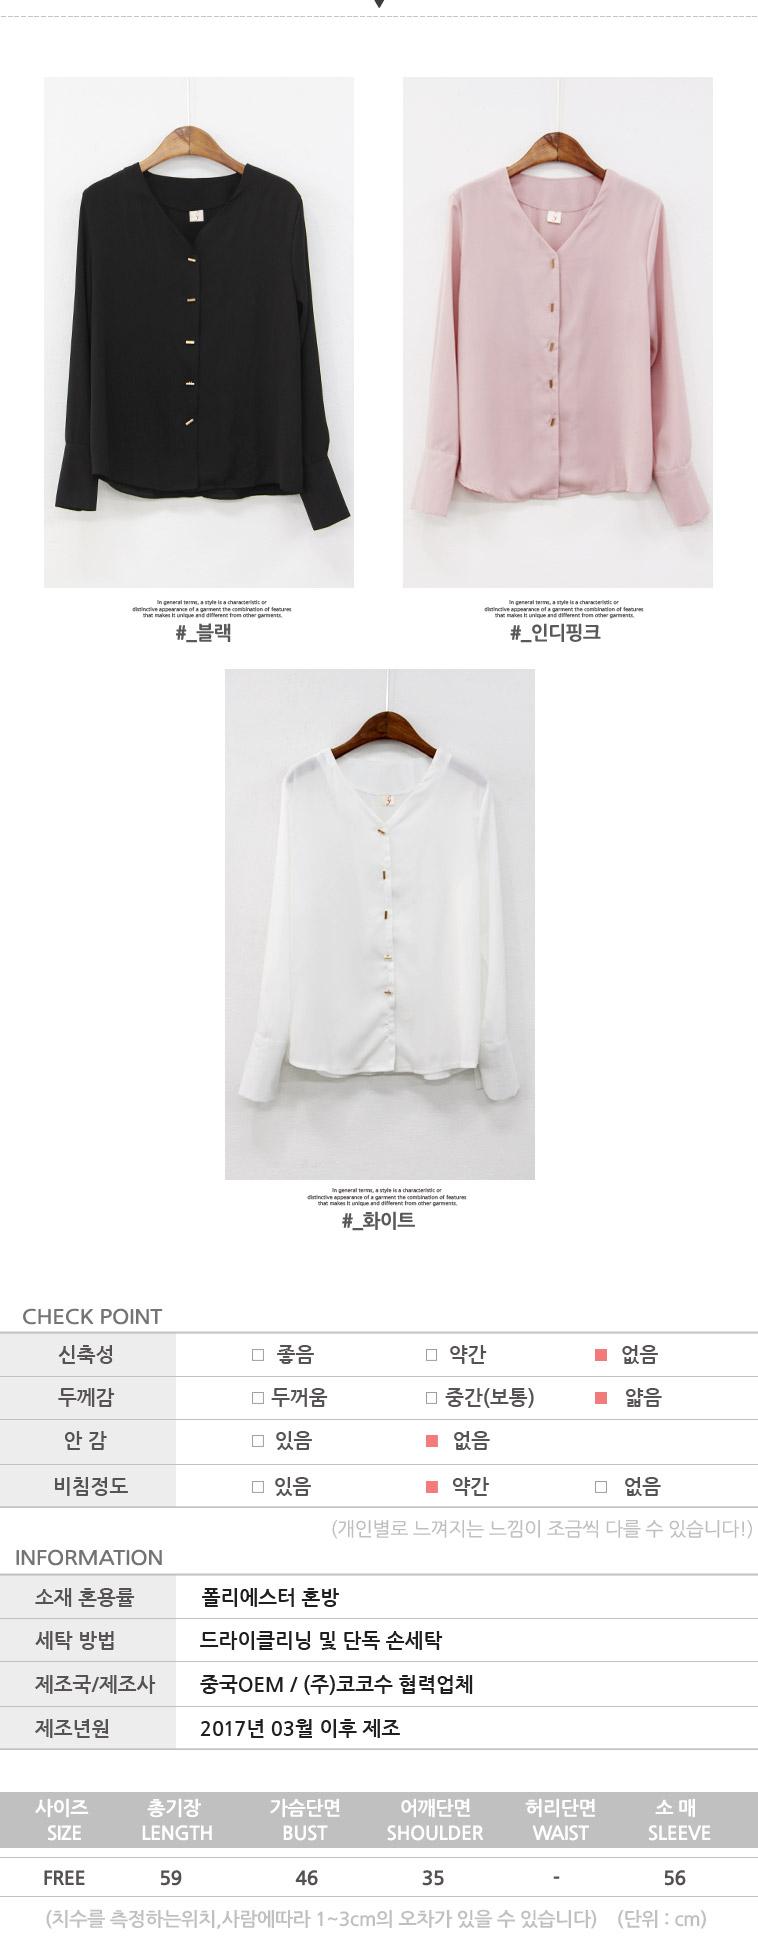 [무료배송] 블라우스/봄자켓/원피스 - 상세정보